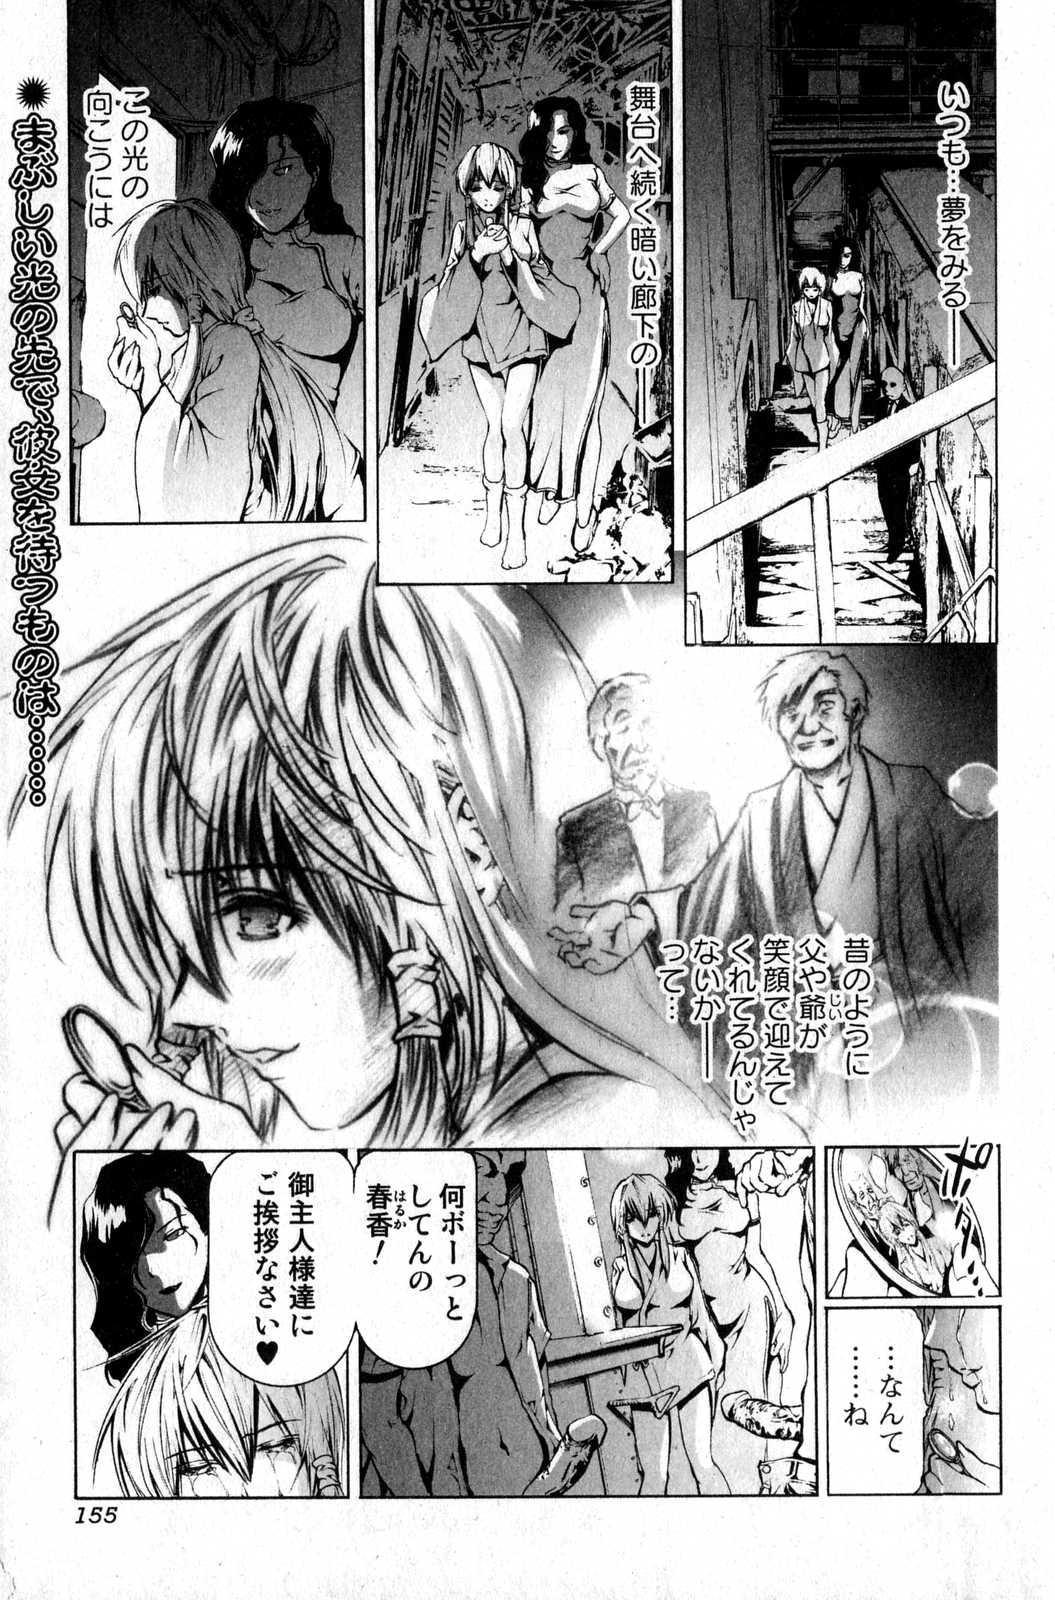 Bishoujo Teki Kaikatsu Ryoku 2007 Vol.15 154